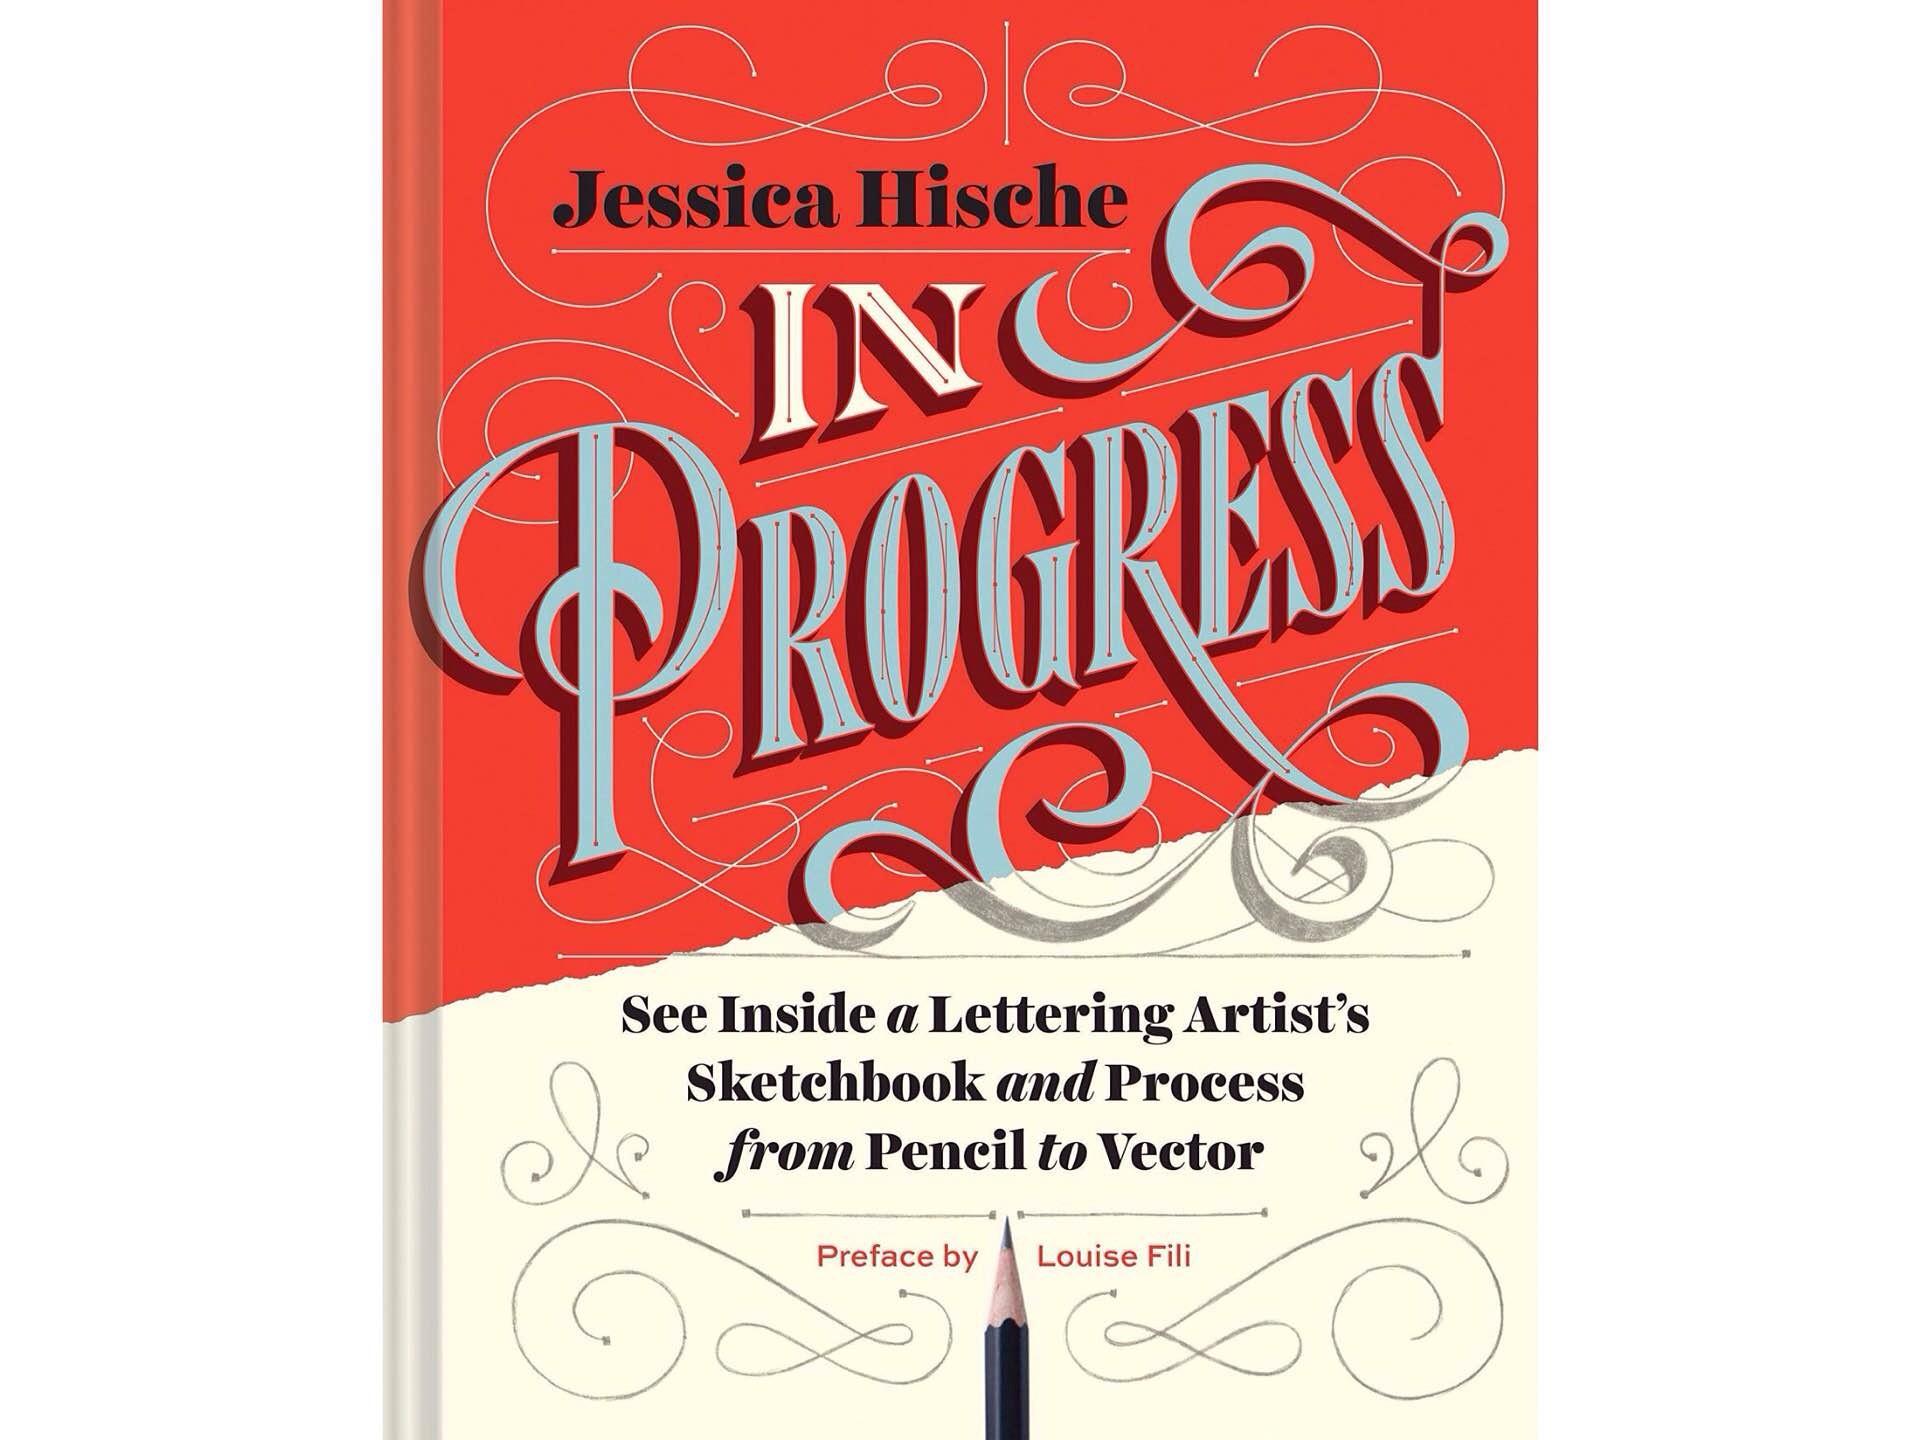 pre-order-jessica-hisches-book-in-progress